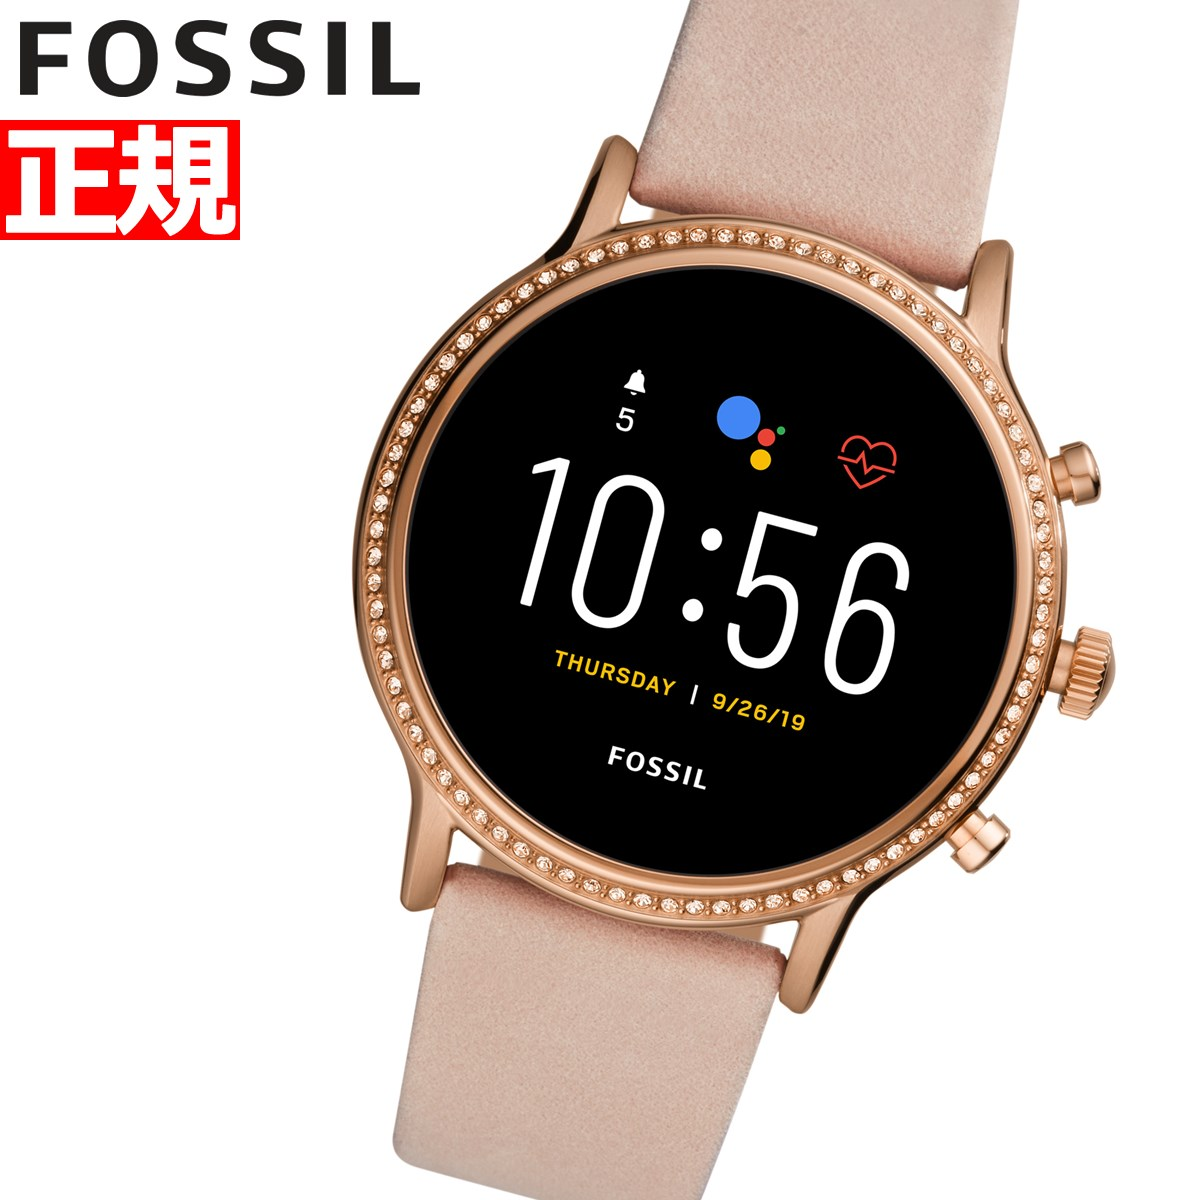 【5日0時~♪10%OFFクーポン&店内ポイント最大51倍!5日23時59分まで】フォッシル FOSSIL スマートウォッチ ウェアラブル 腕時計 メンズ レディース ジェネレーション5 FTW6054